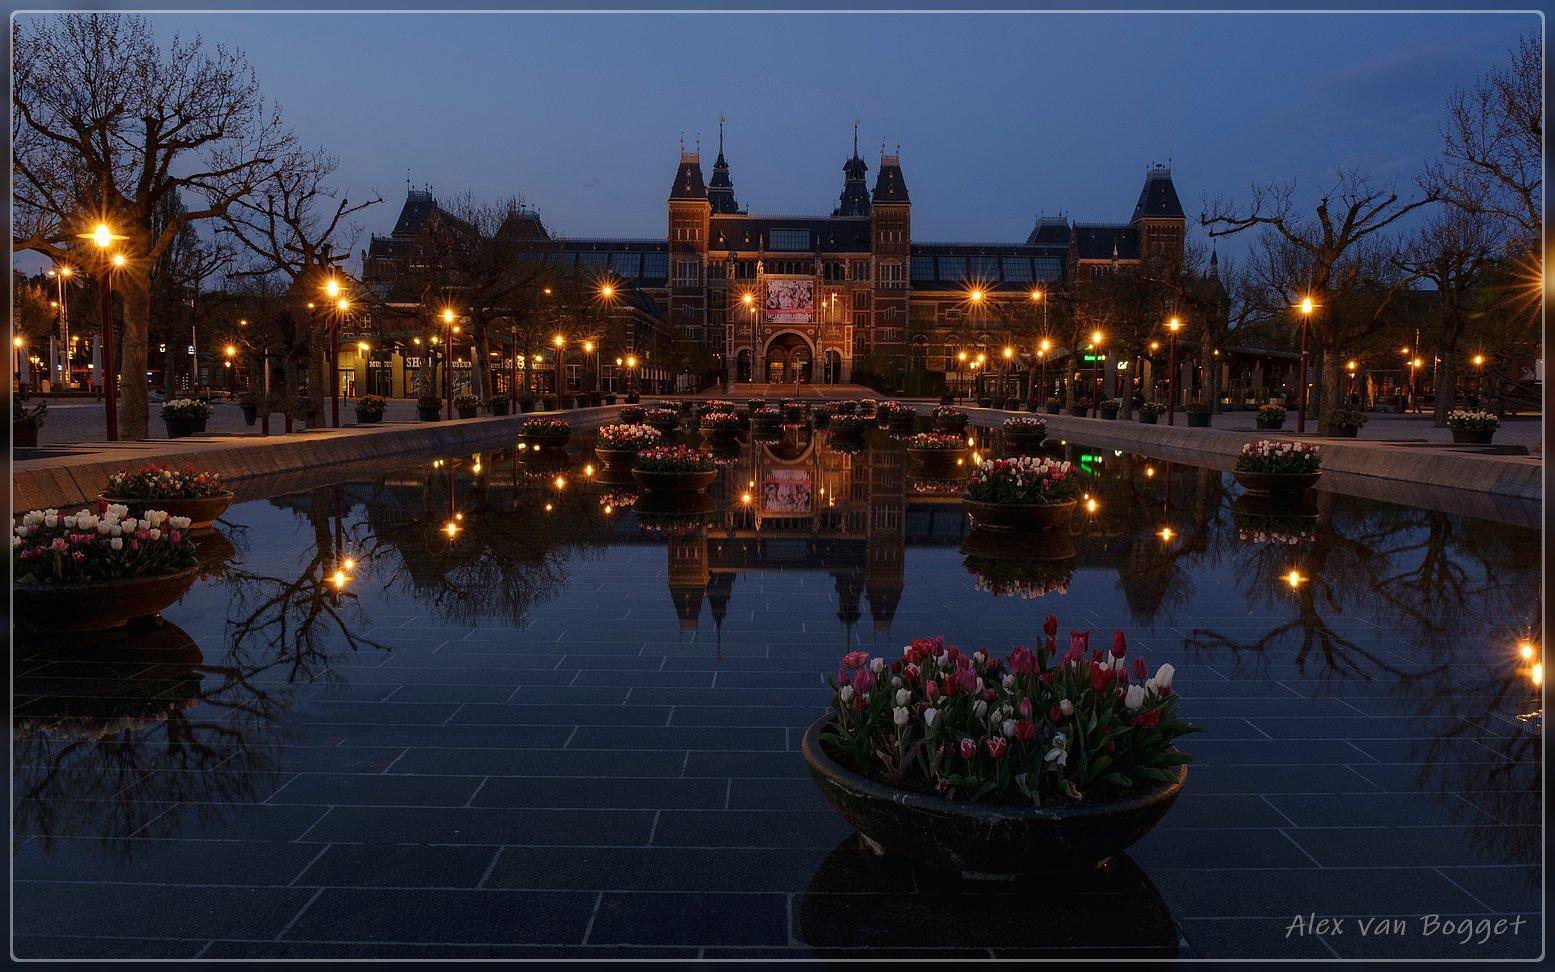 Het Museumplein, Netherlands